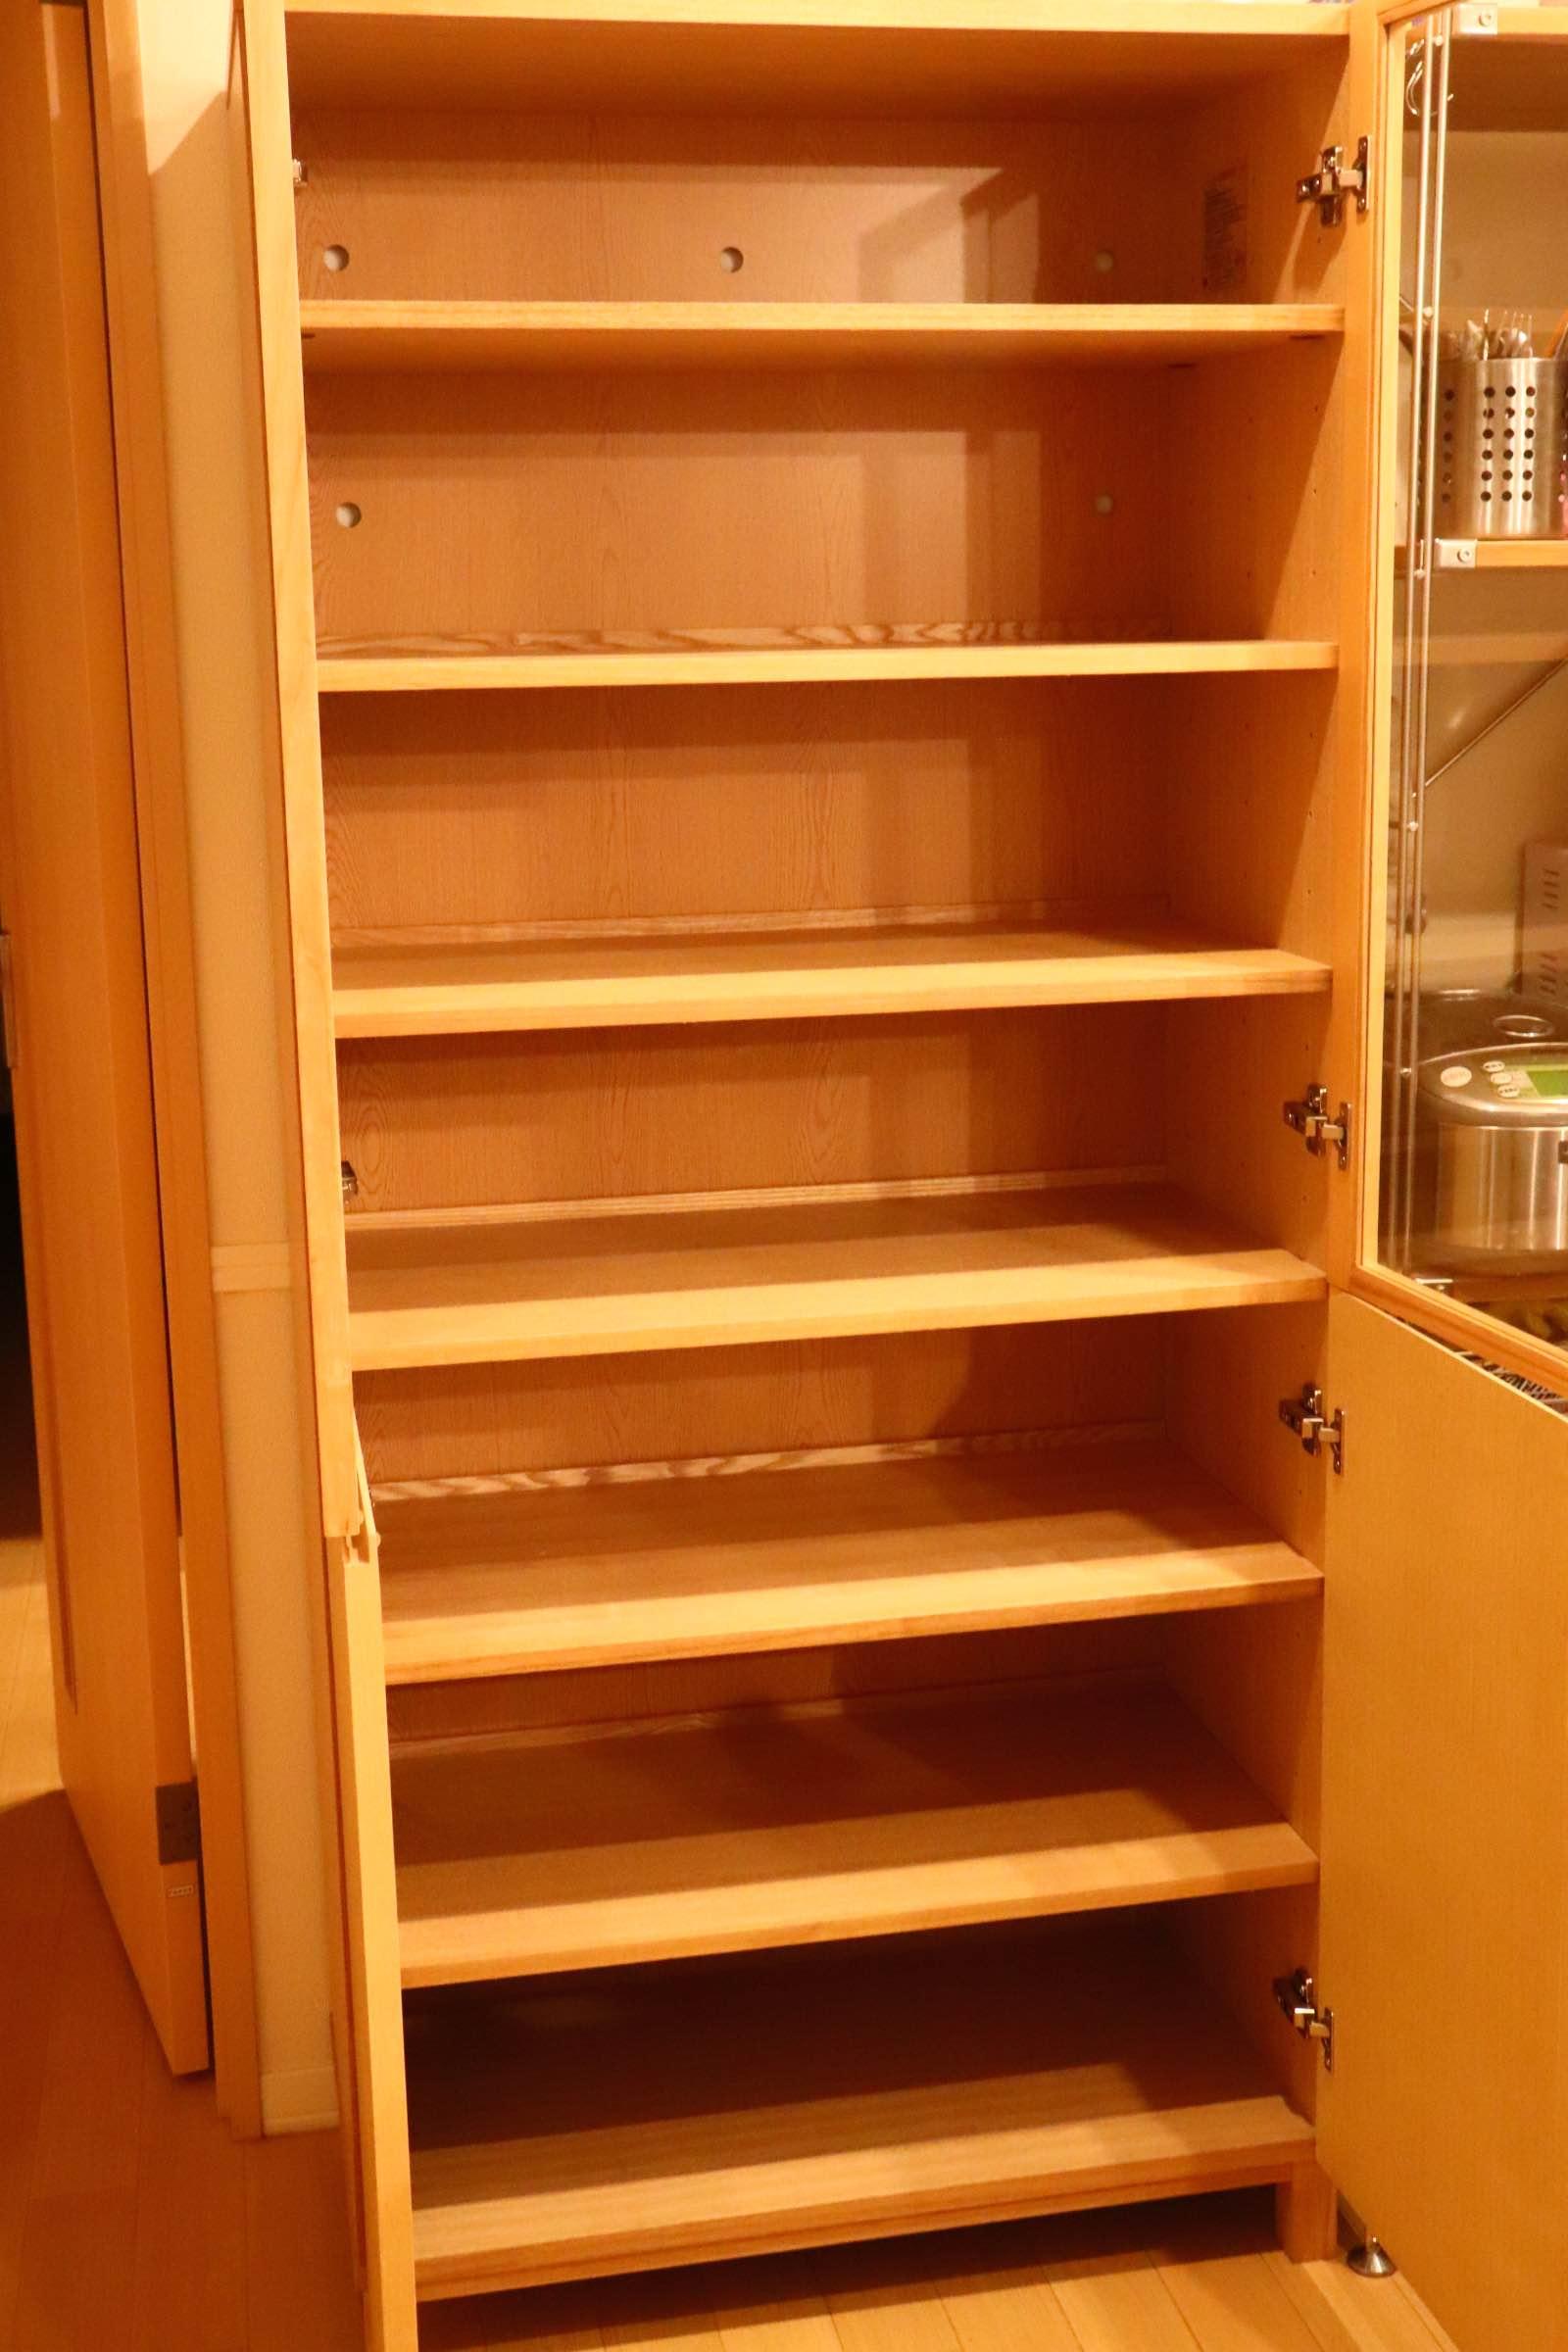 無印良品 MUJI / タモ材 食器棚 カップボード キャビネット ガラス扉 ♪